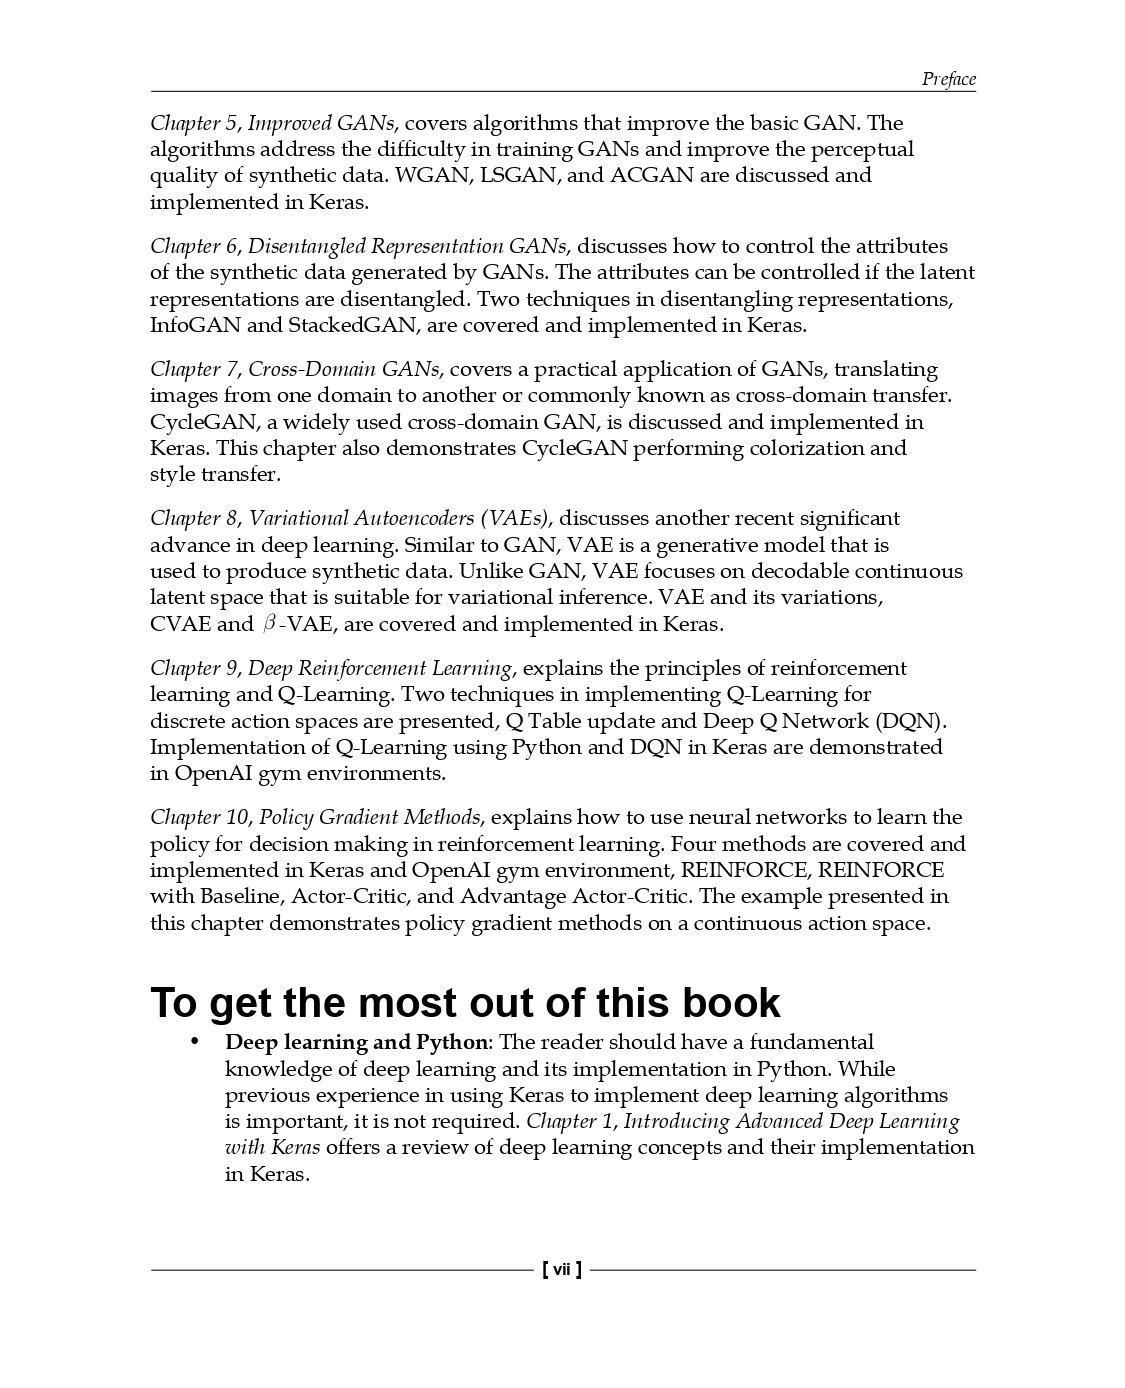 天瓏網路書店 | Advanced Deep Learning with Keras: Applying GANs and other new  deep learning algorithms to the real world (Paperback)